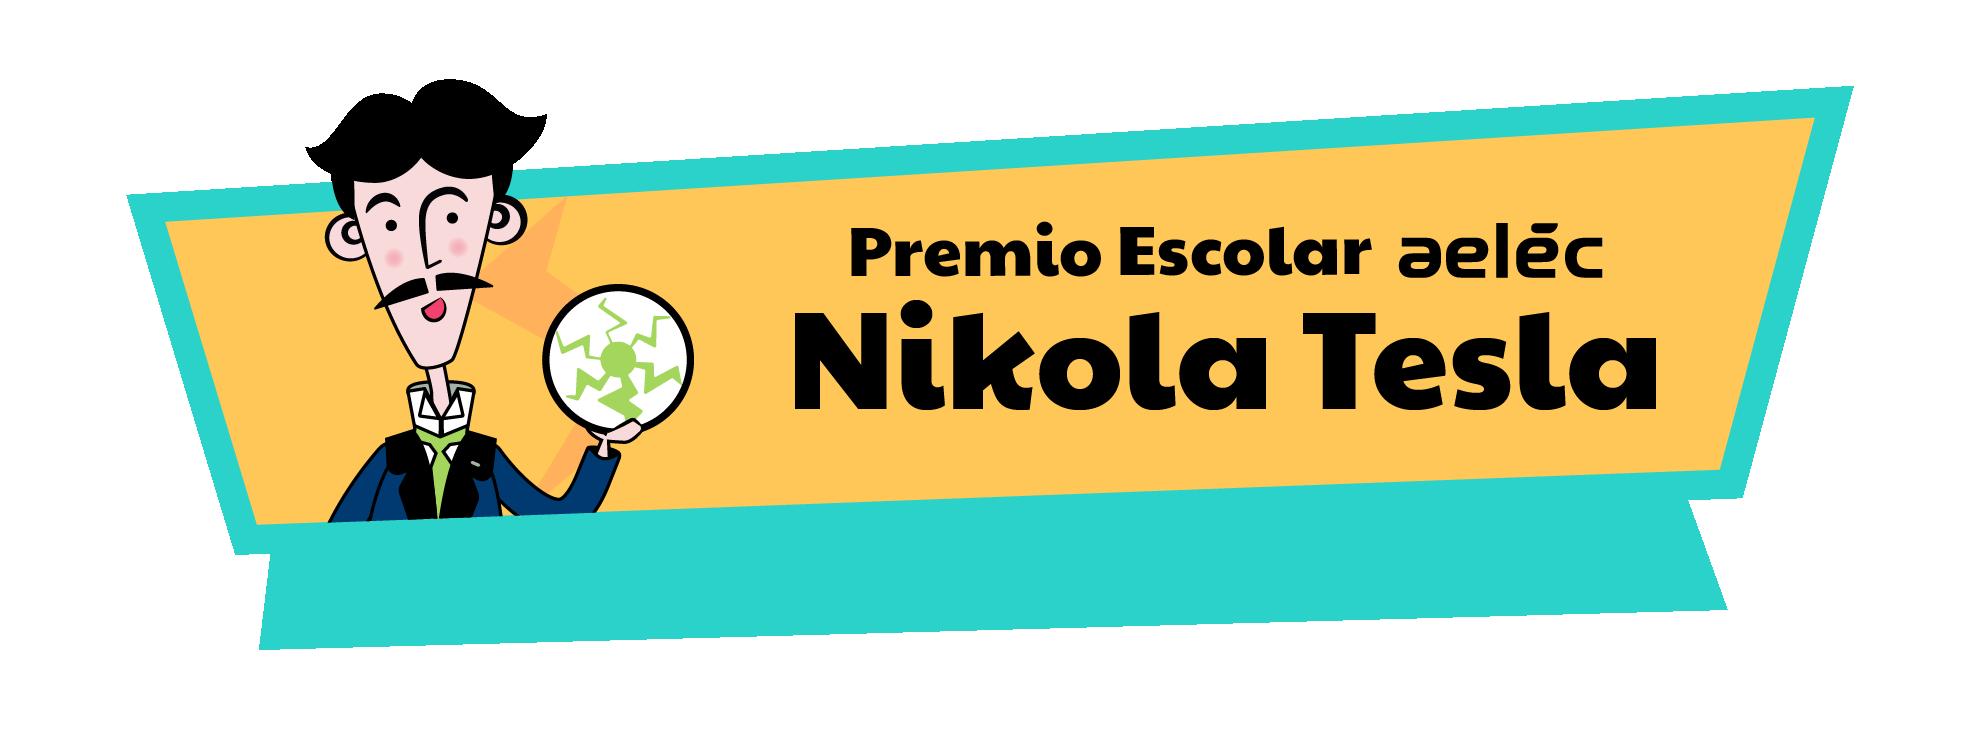 Premio Escolar aelec Nikola Tesla